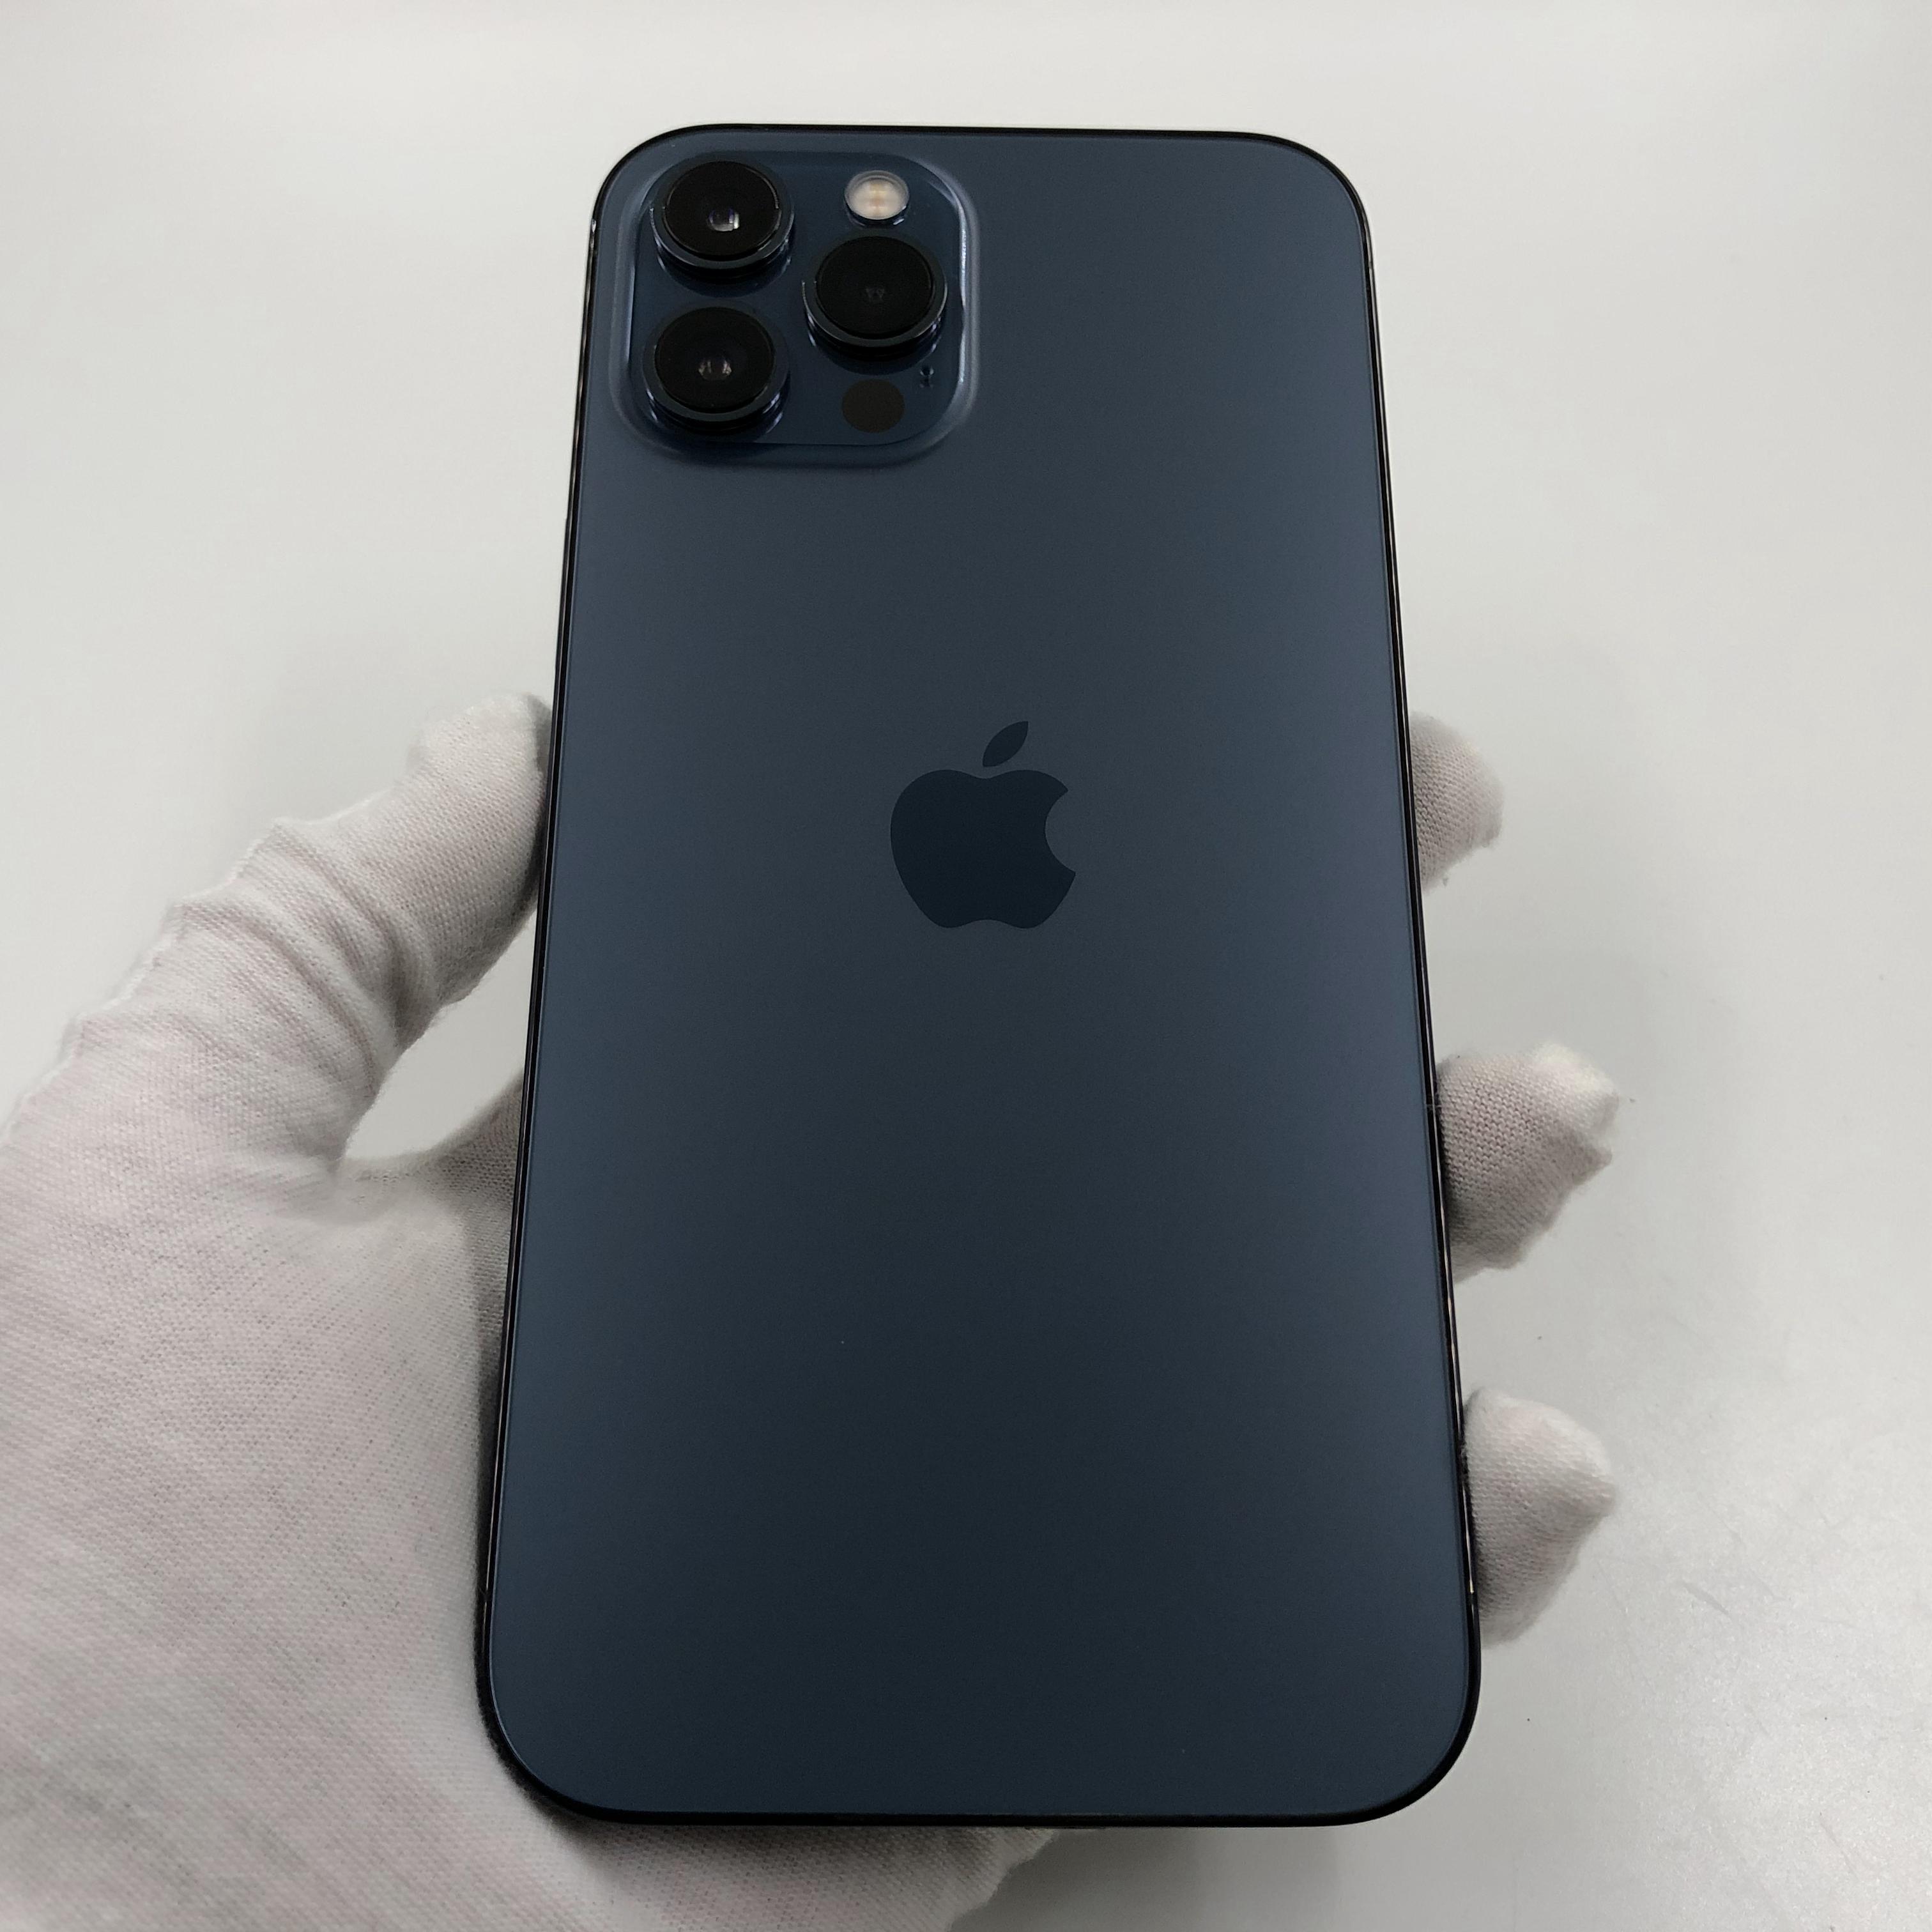 苹果【iPhone 12 Pro Max】5G全网通 海蓝色 128G 国行 99新 真机实拍官保2021-12-01